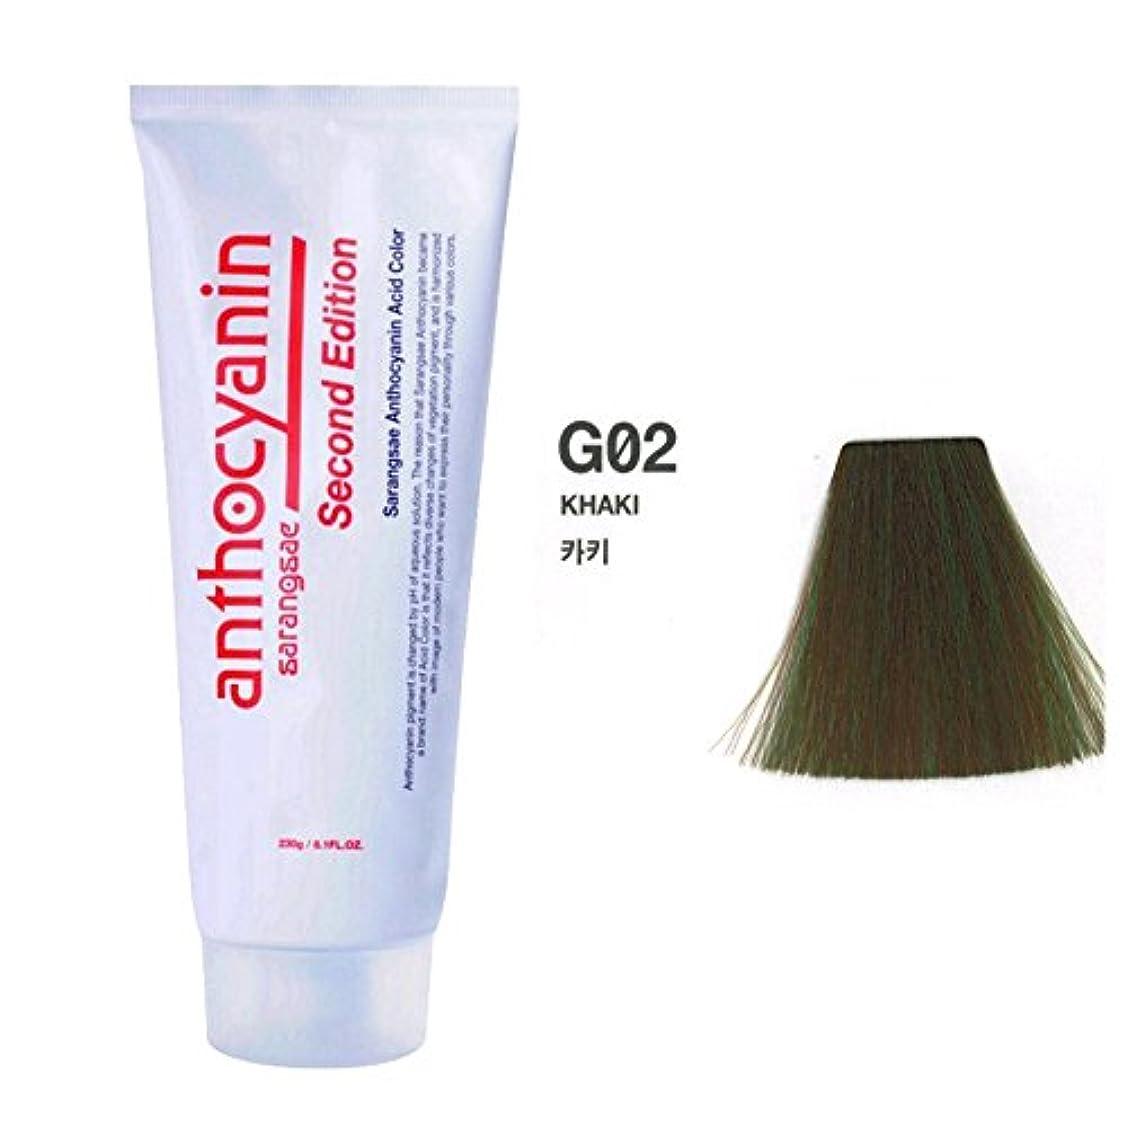 提案する一般的に聖職者ヘア マニキュア カラー セカンド エディション 230g セミ パーマネント 染毛剤 (Hair Manicure Color Second Edition 230g Semi Permanent Hair Dye) [並行輸入品] (G02 Khaki)